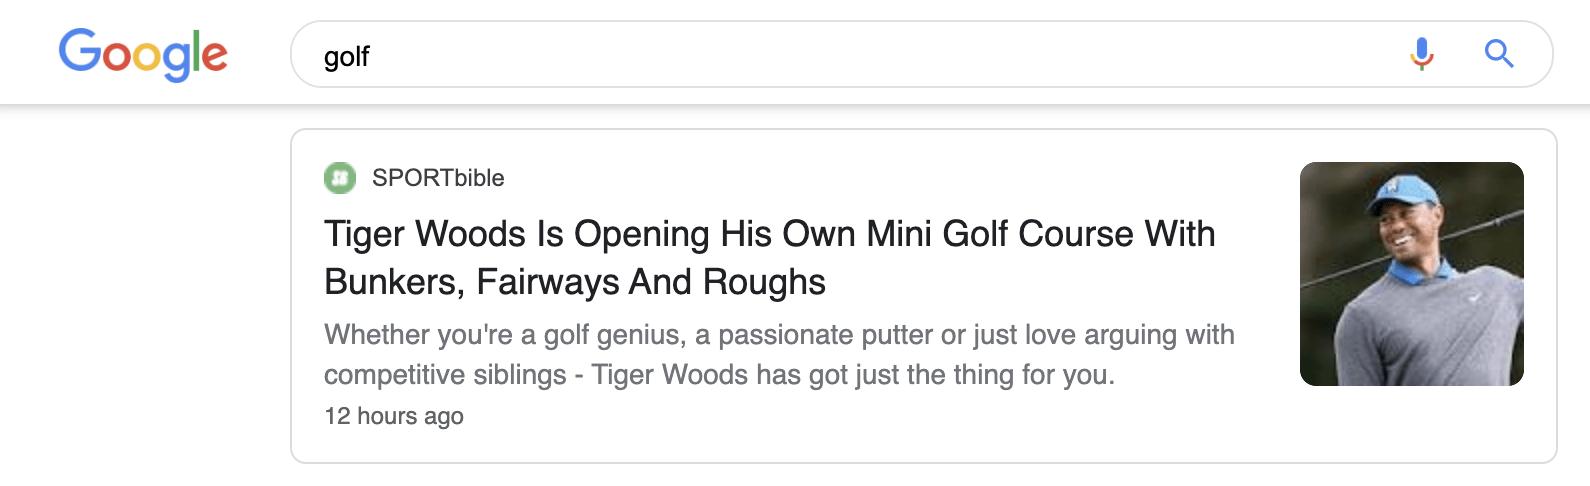 24 golf news